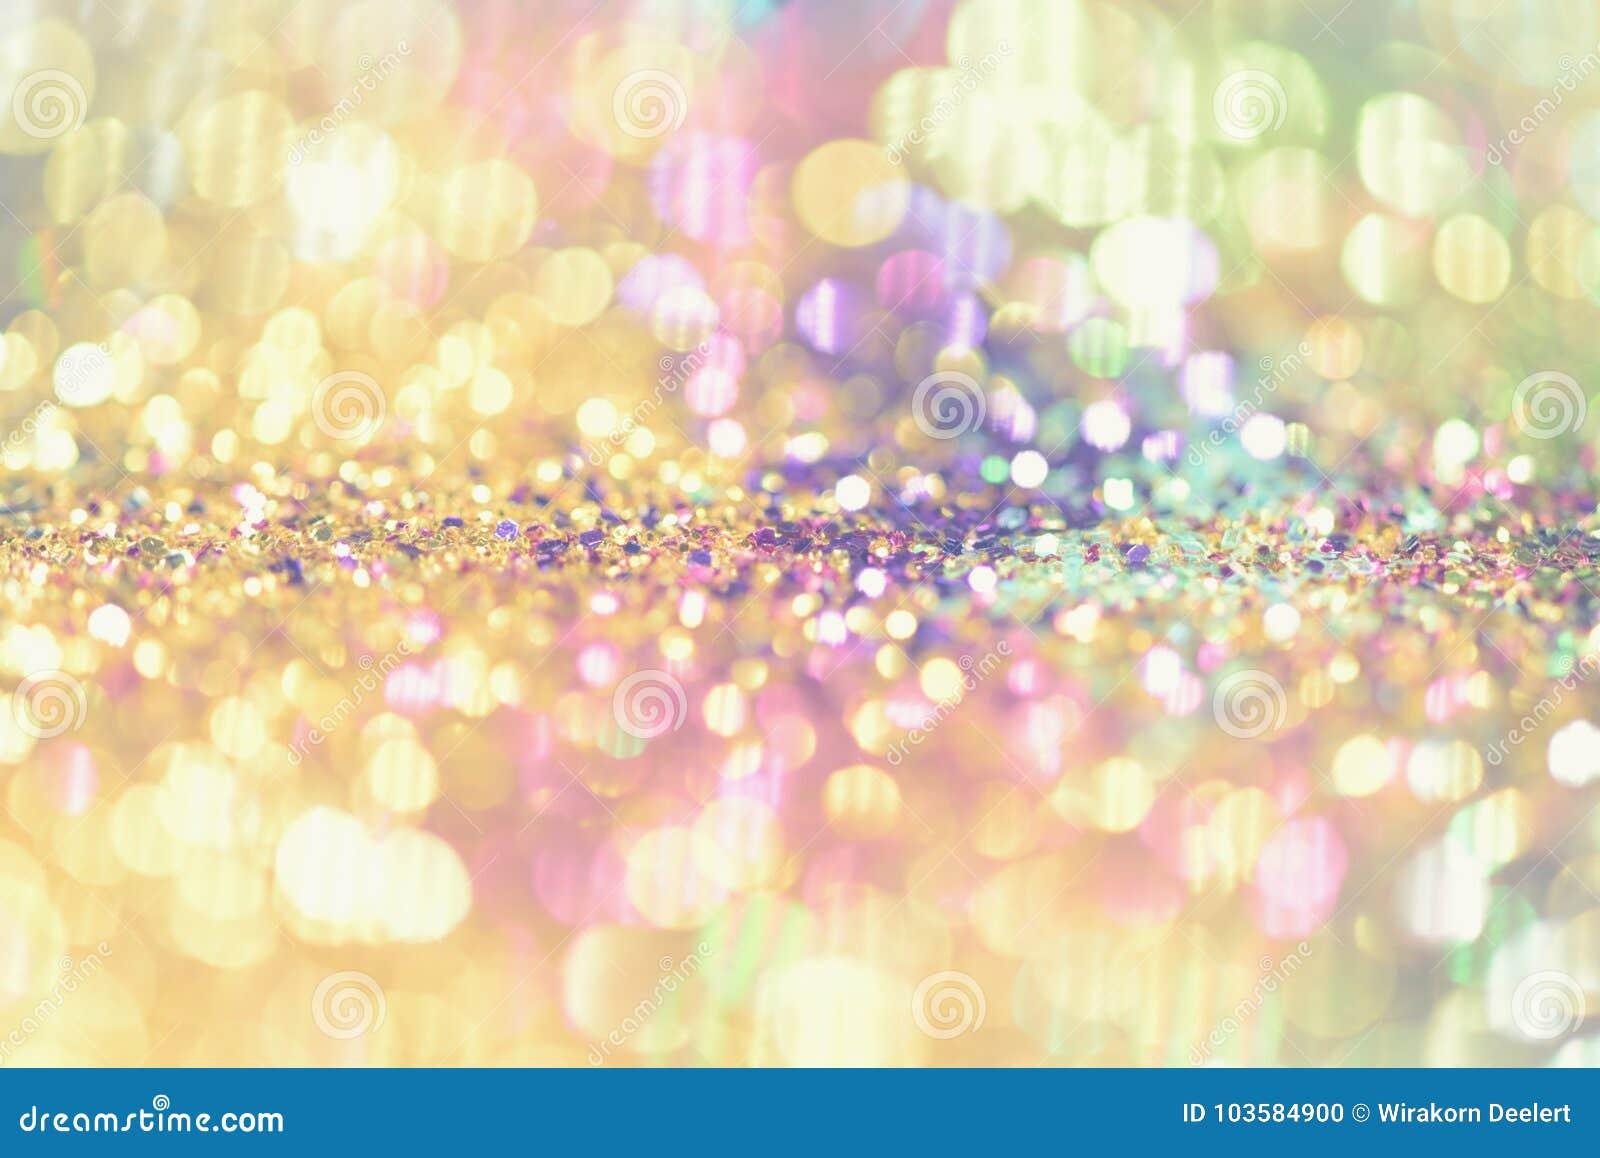 Il bokeh Colorfull ha offuscato il fondo astratto per il compleanno, l anniversario, le nozze, la vigilia del nuovo anno o il Nat